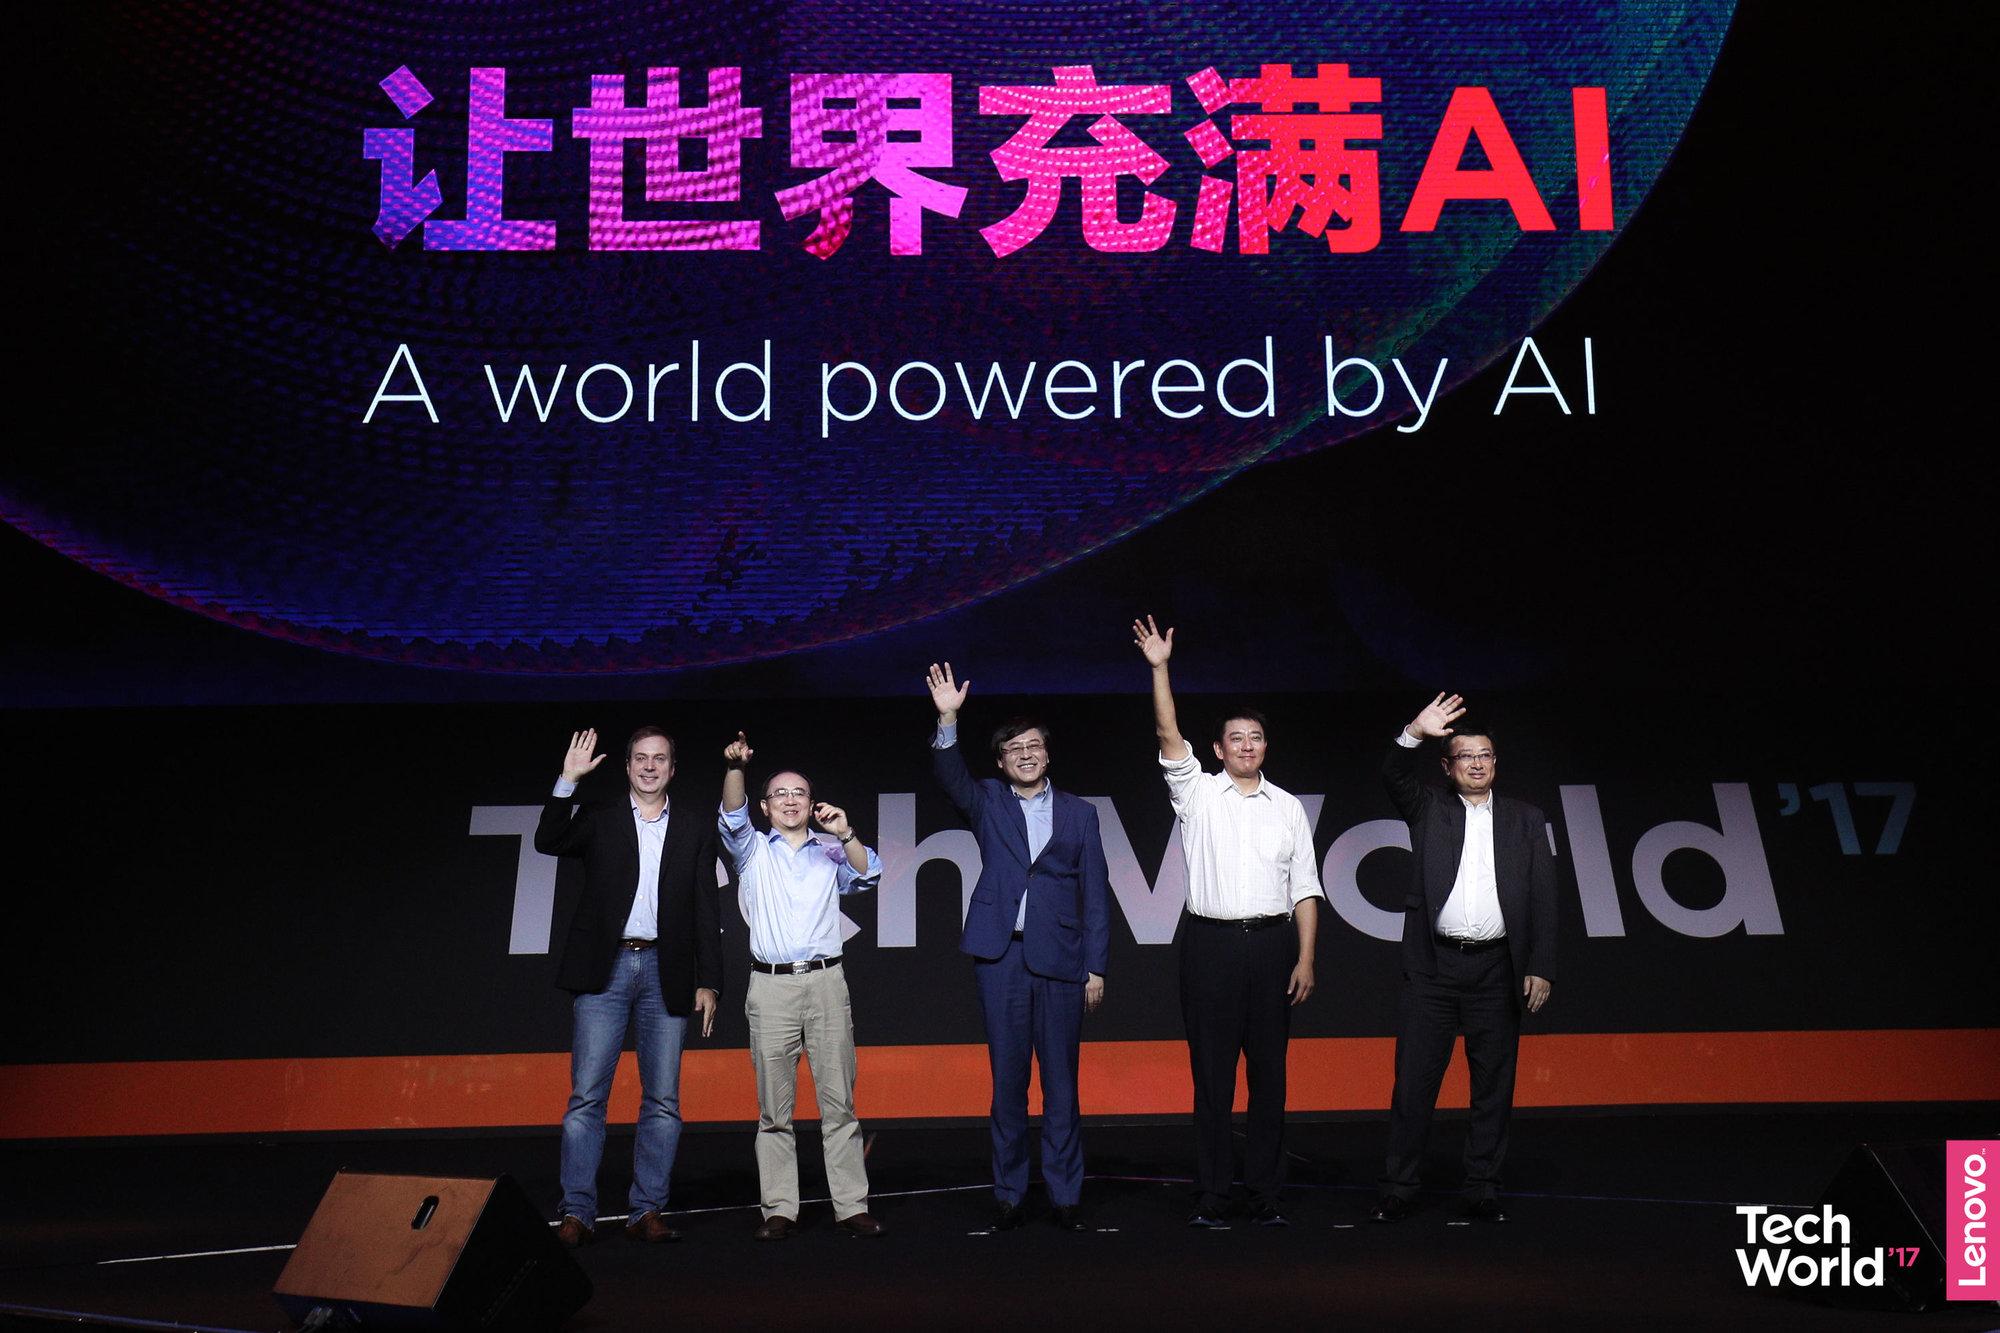 联想2017 Tech World举行 众多AI技术一并亮相